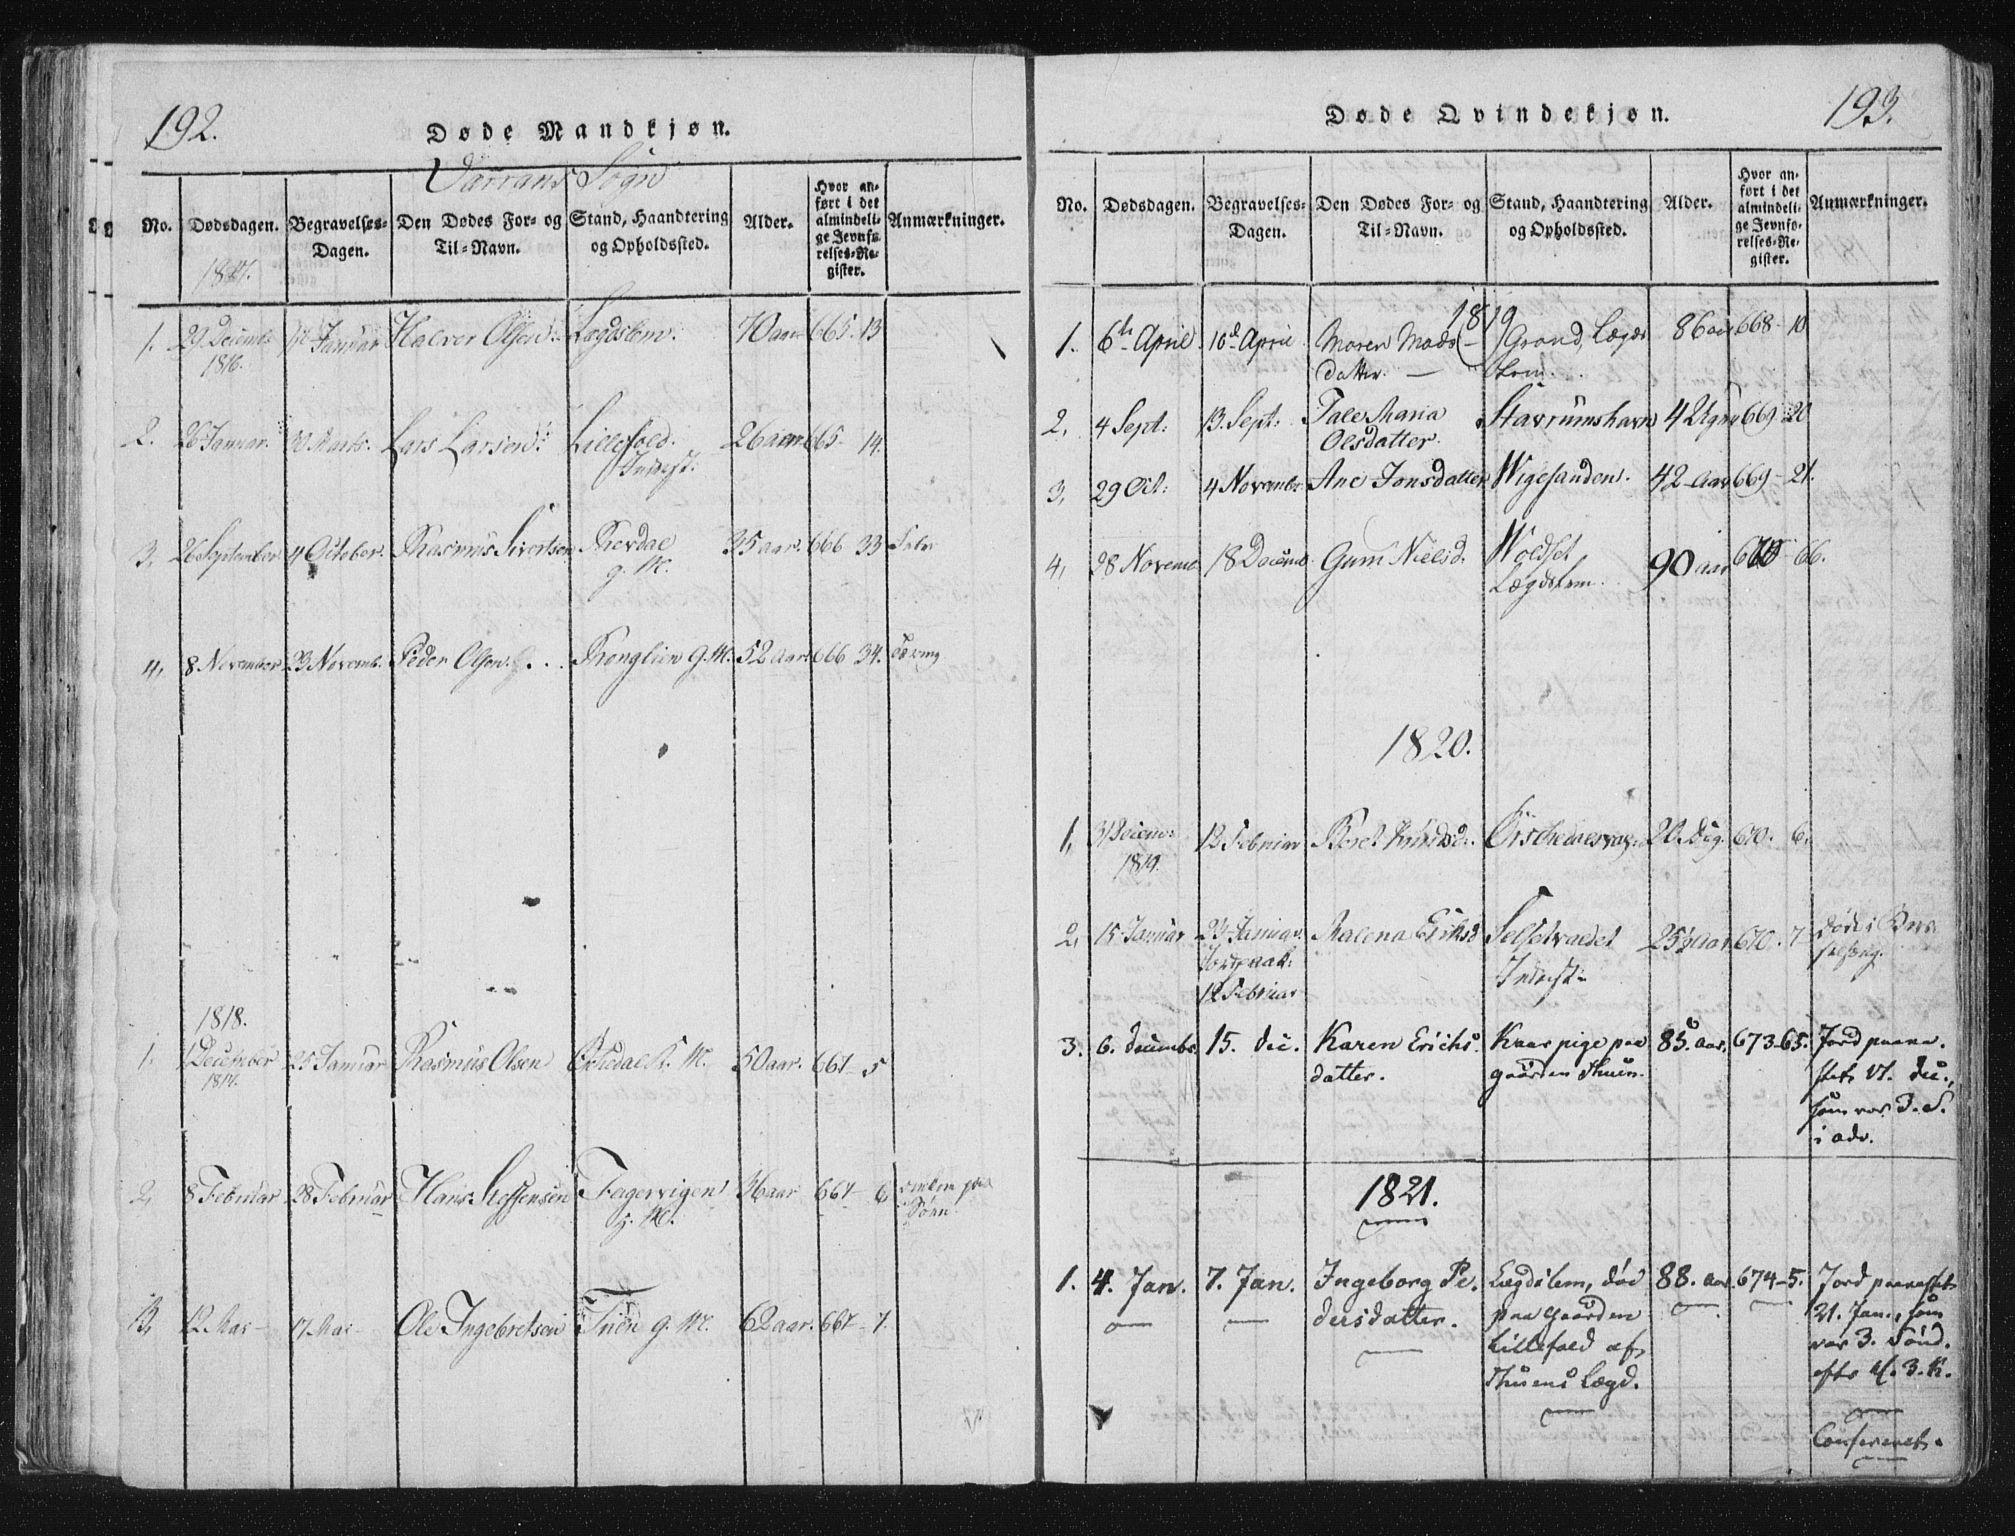 SAT, Ministerialprotokoller, klokkerbøker og fødselsregistre - Nord-Trøndelag, 744/L0417: Ministerialbok nr. 744A01, 1817-1842, s. 192-193